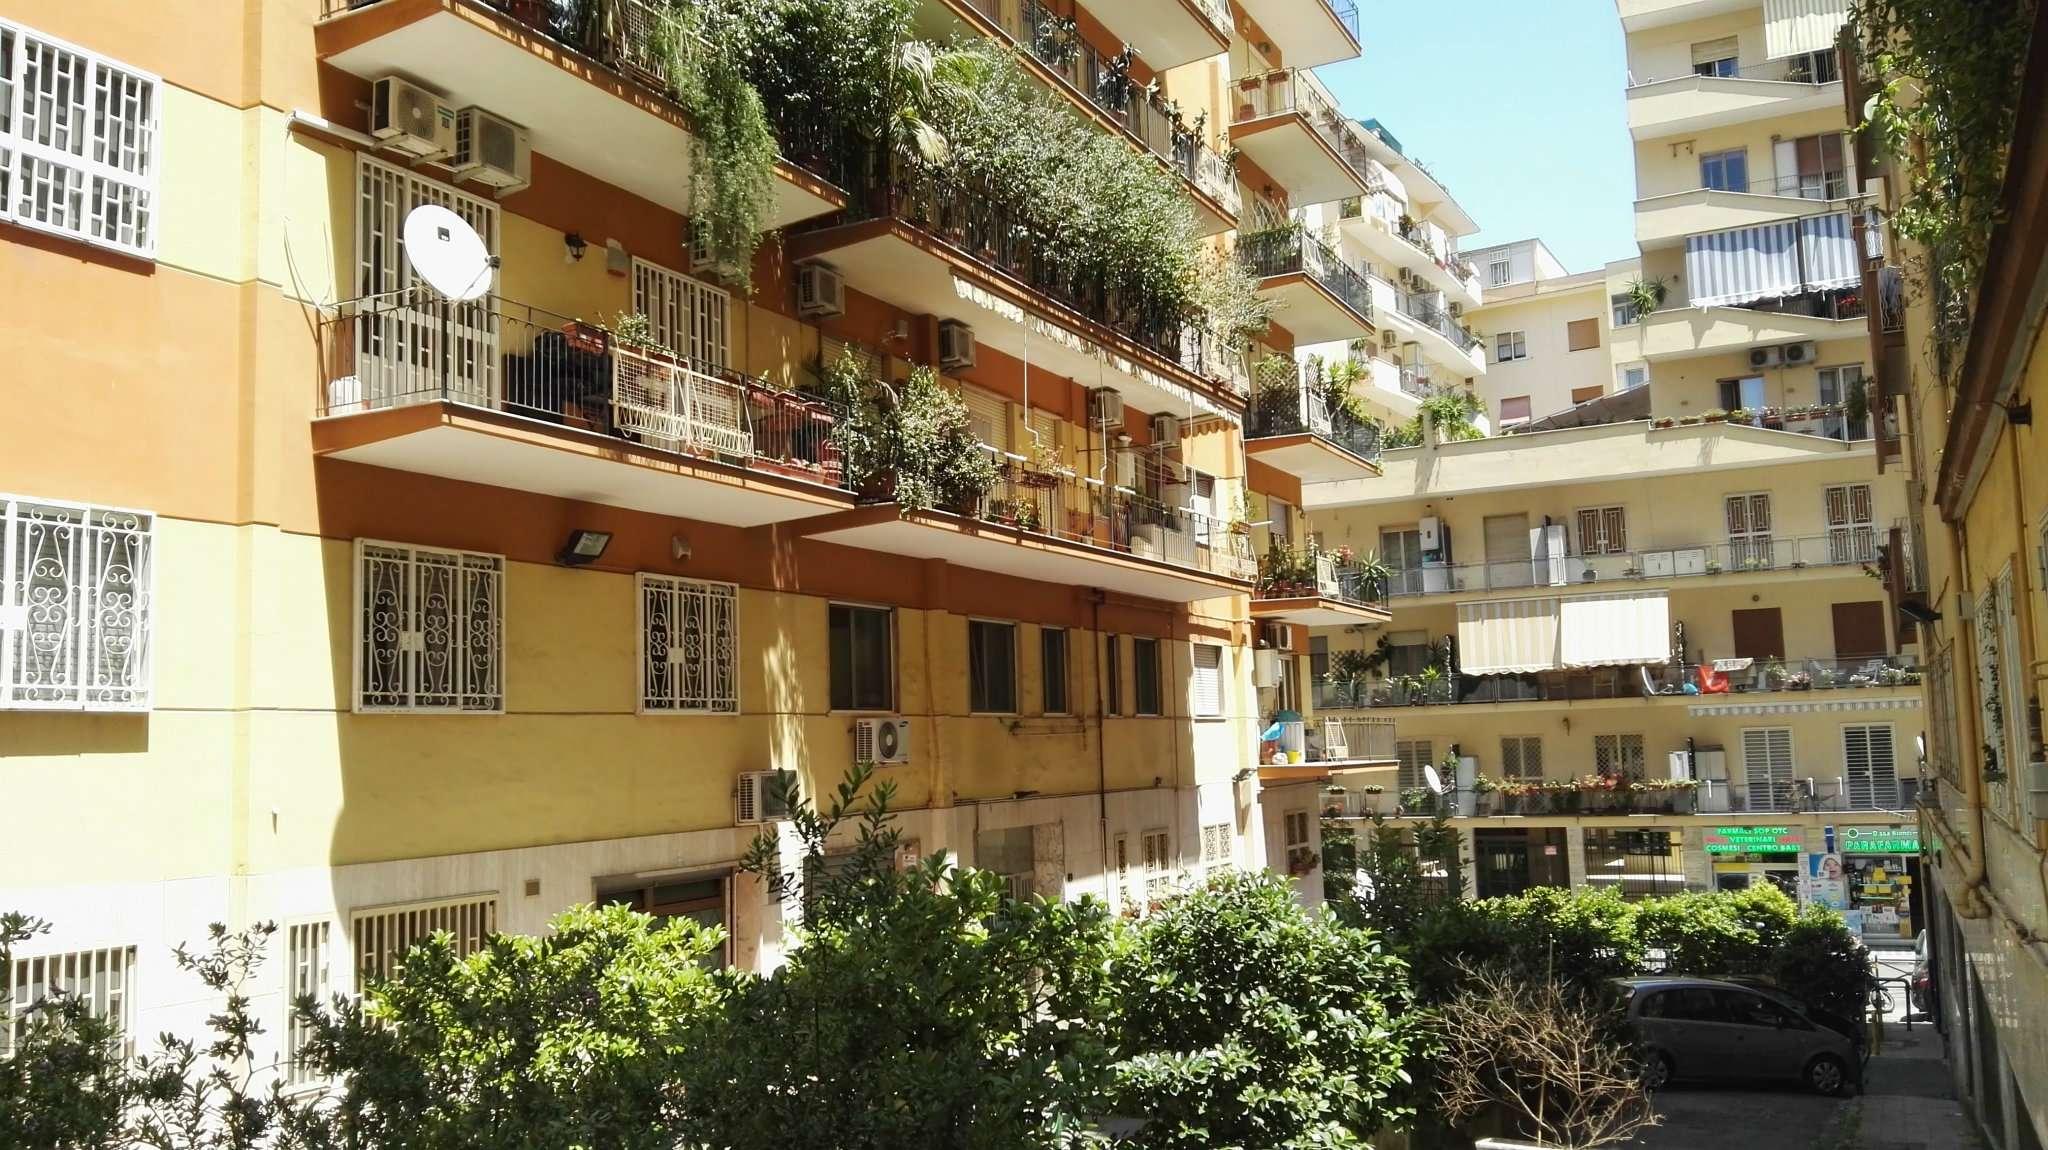 Bilocale Napoli Via Rodolfo Falvo 2